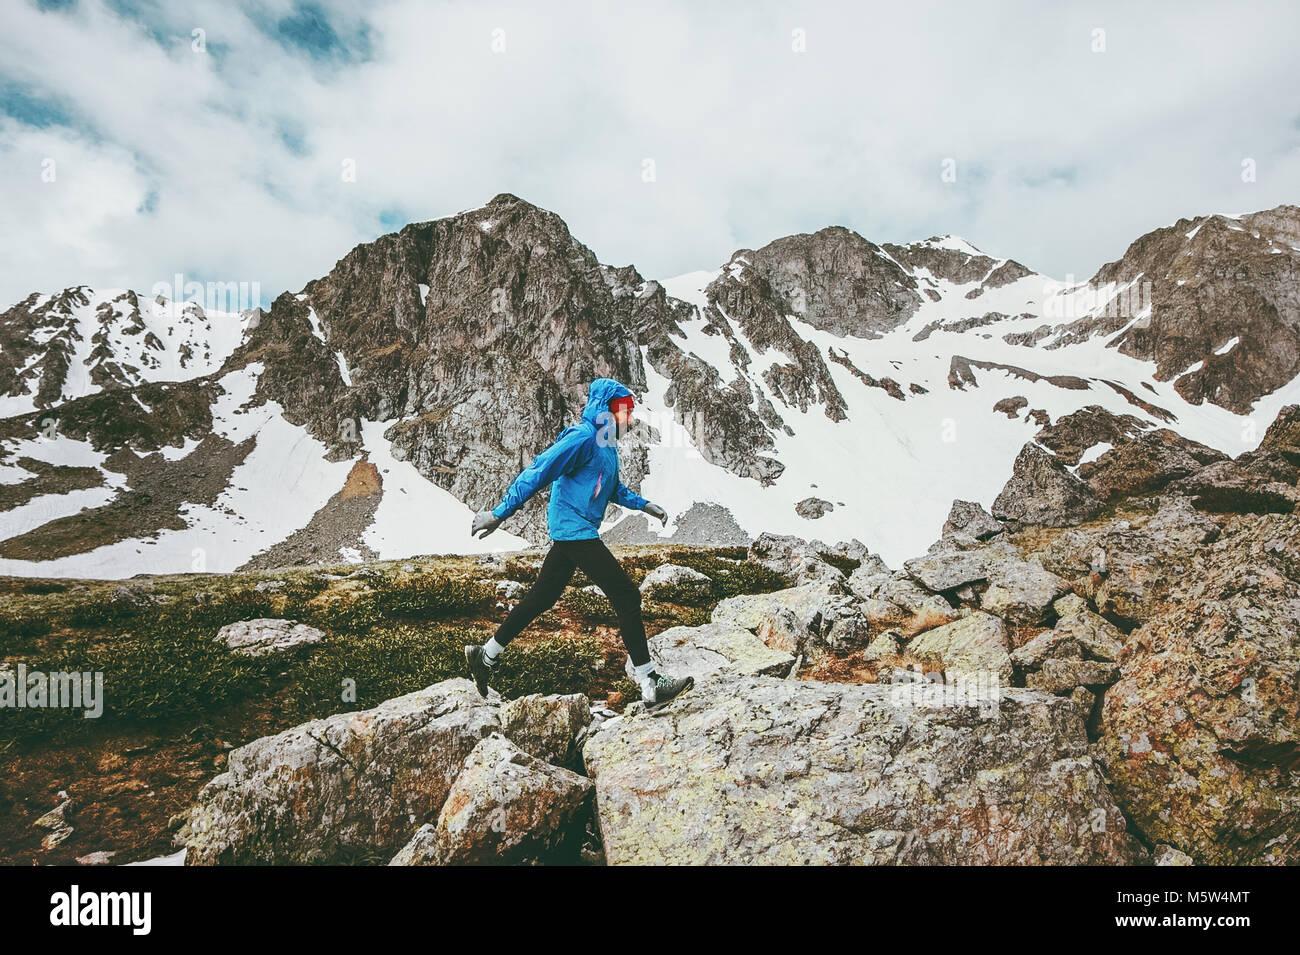 Hombre corriendo en las montañas aventura en concepto de estilo de vida saludables vacaciones deporte skyrunning Imagen De Stock